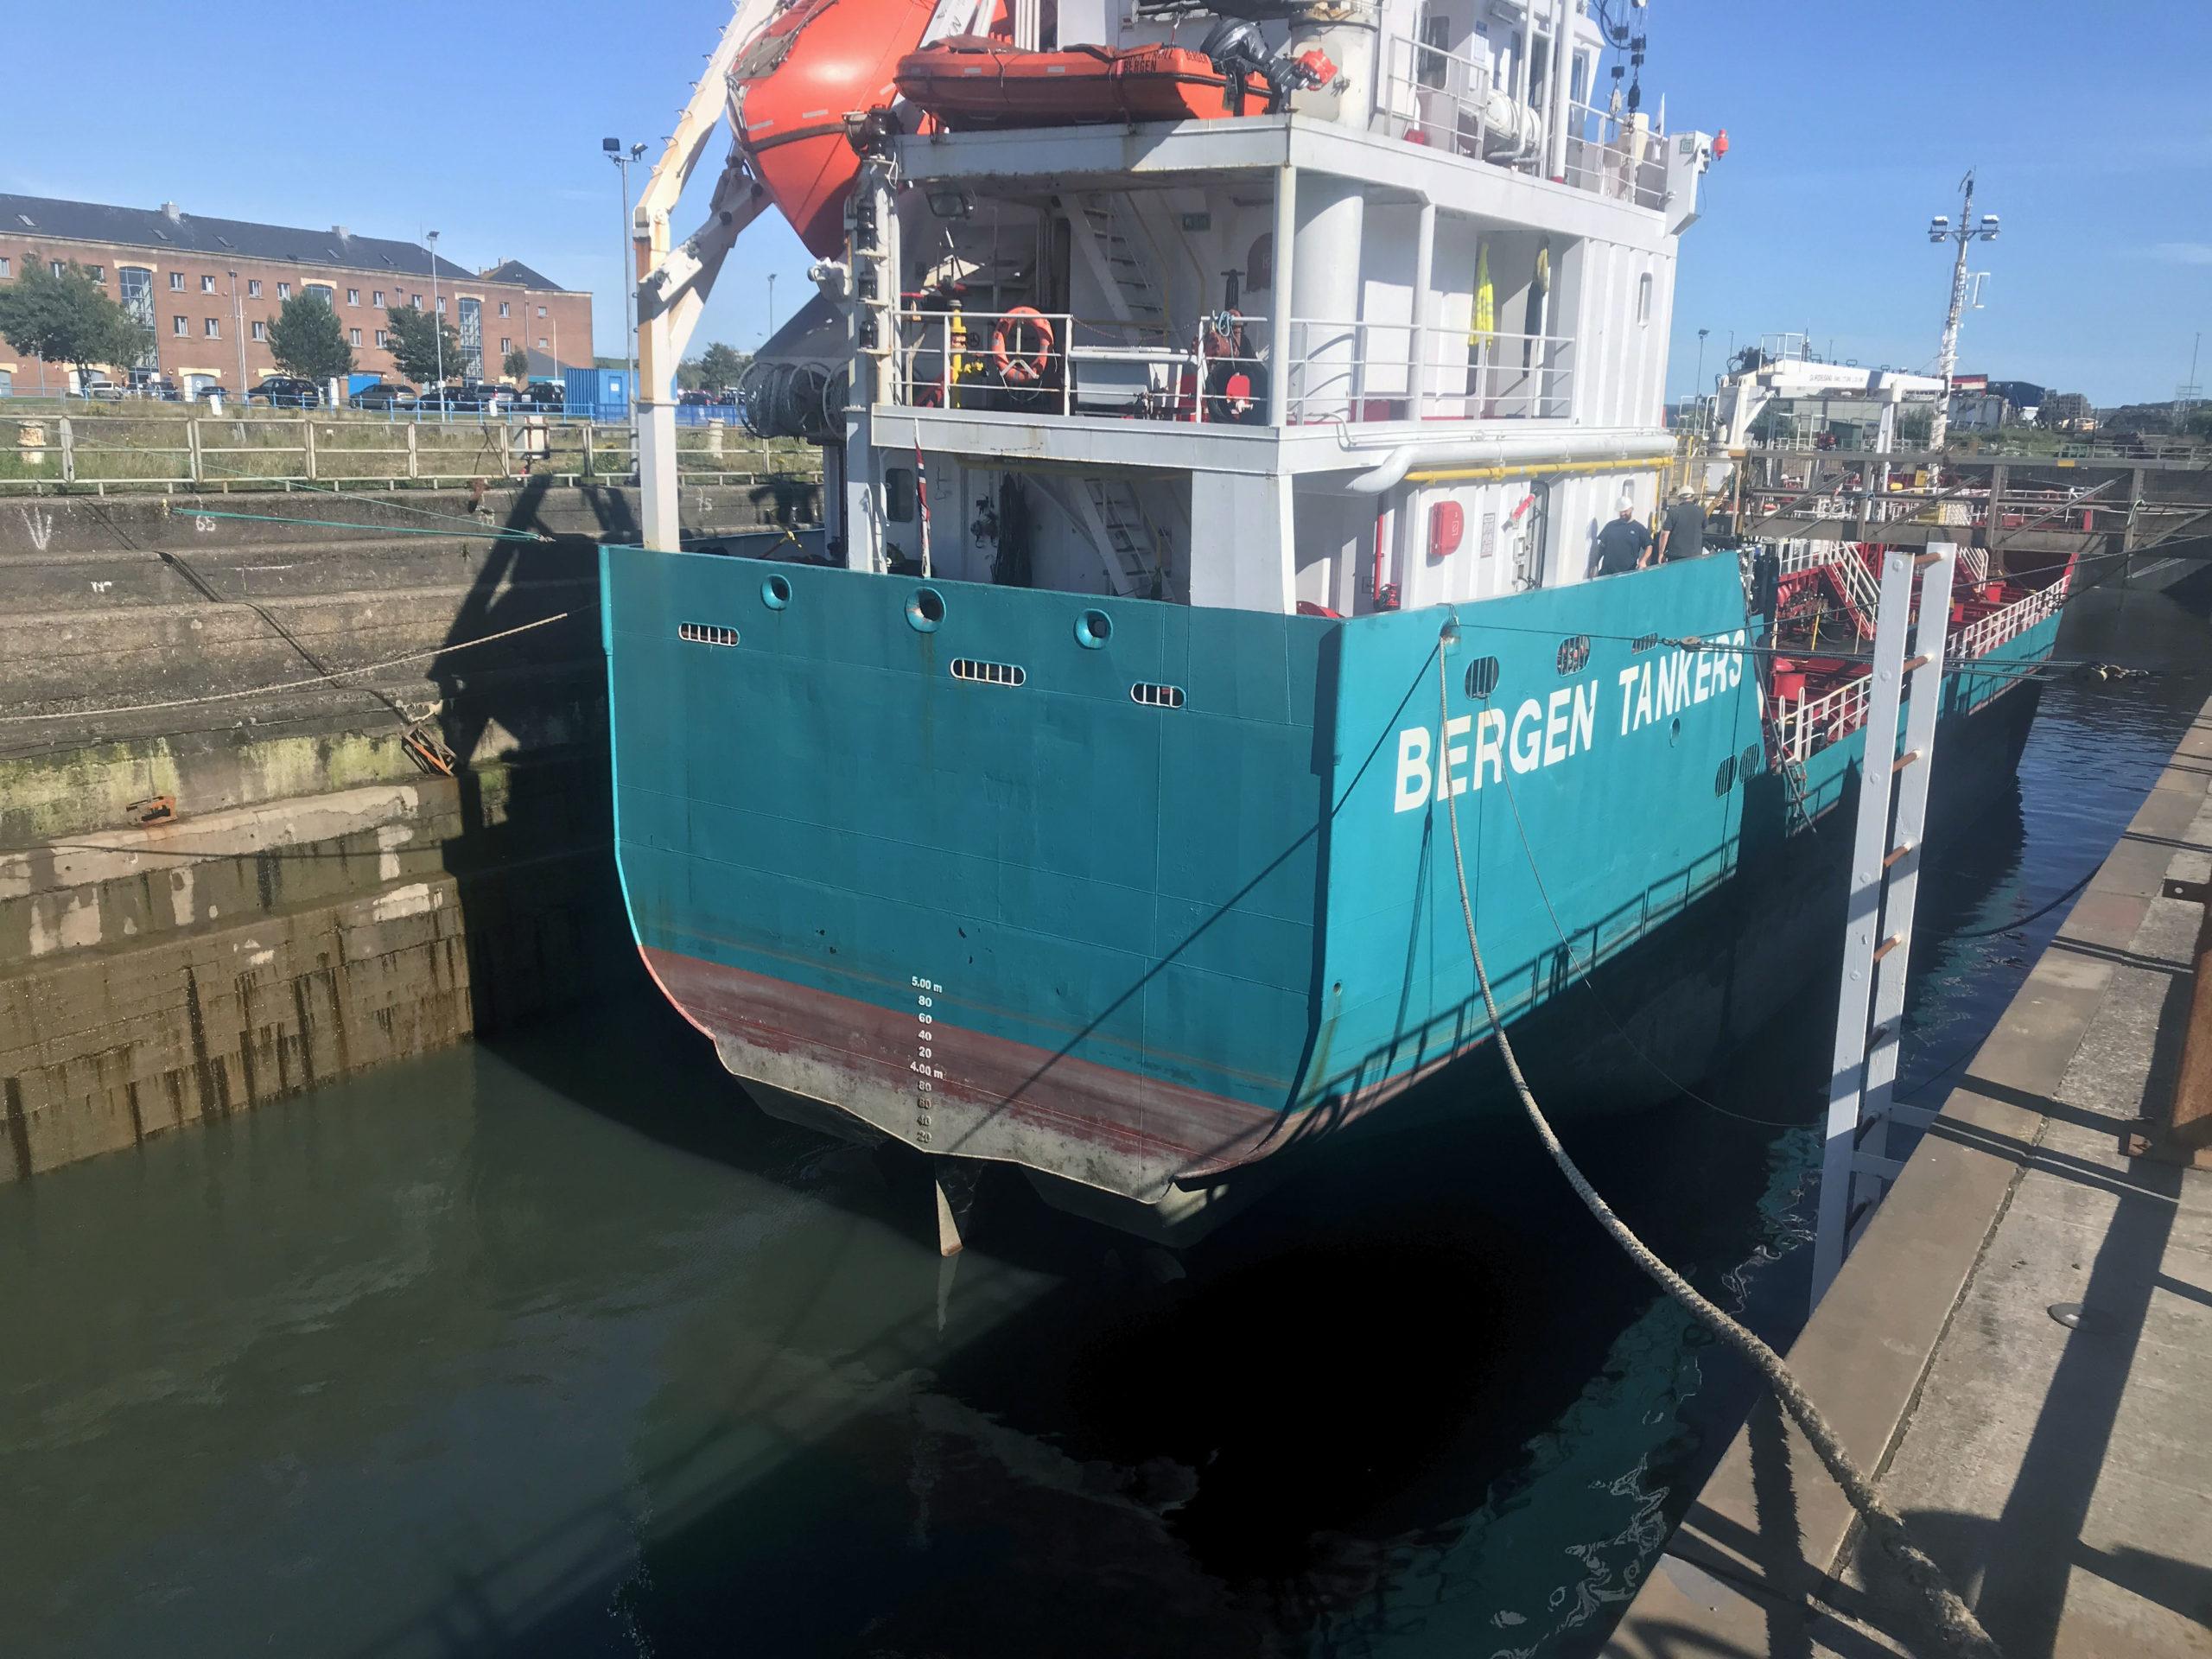 Vessel in drydock - gearbox overhaul